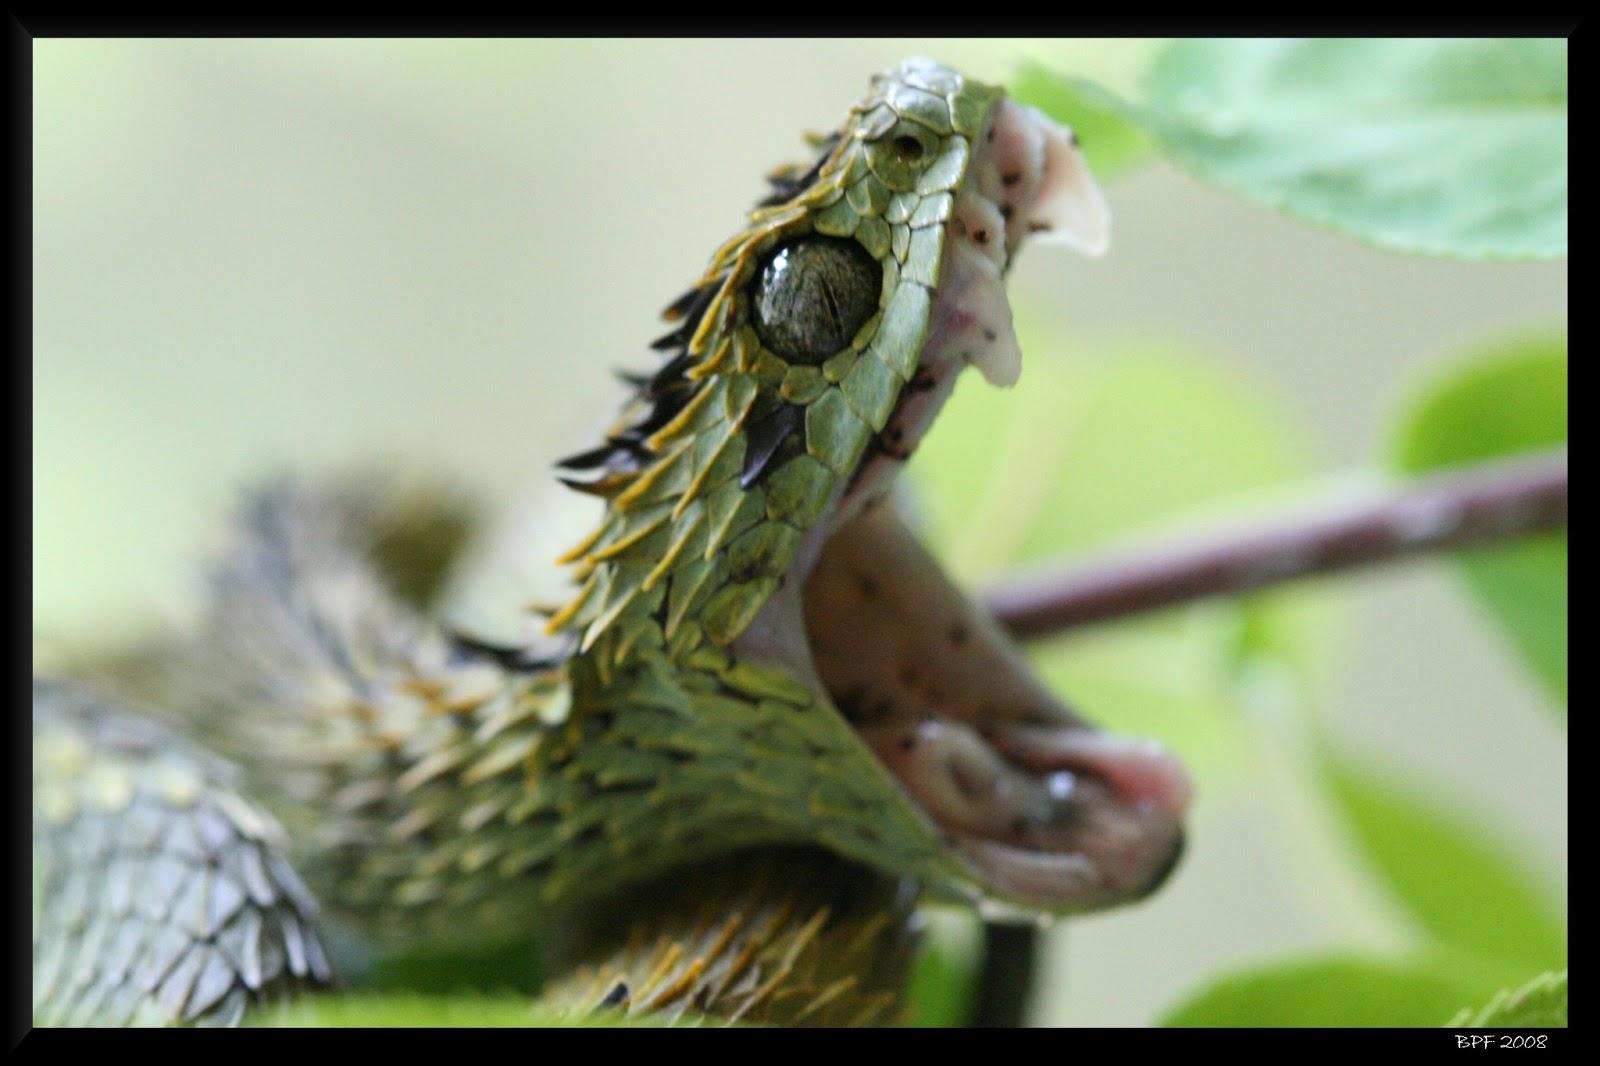 The bush viper